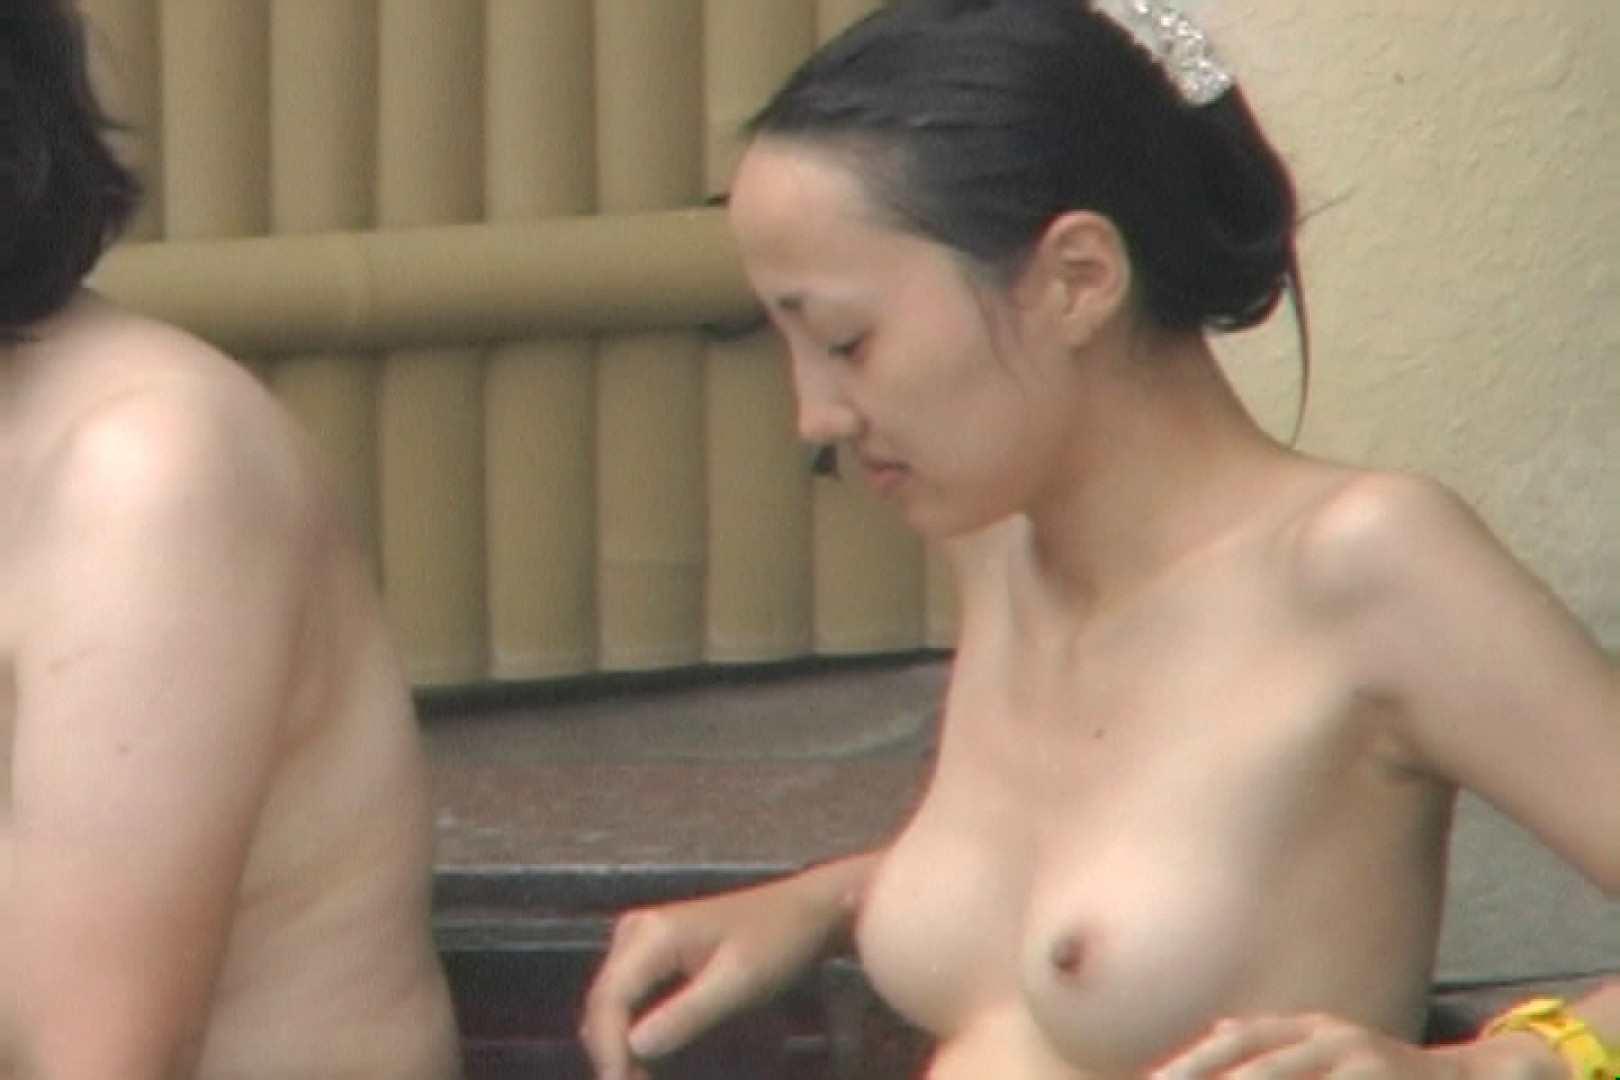 Aquaな露天風呂Vol.41 美しいOLの裸体 | 盗撮師作品  107pic 61